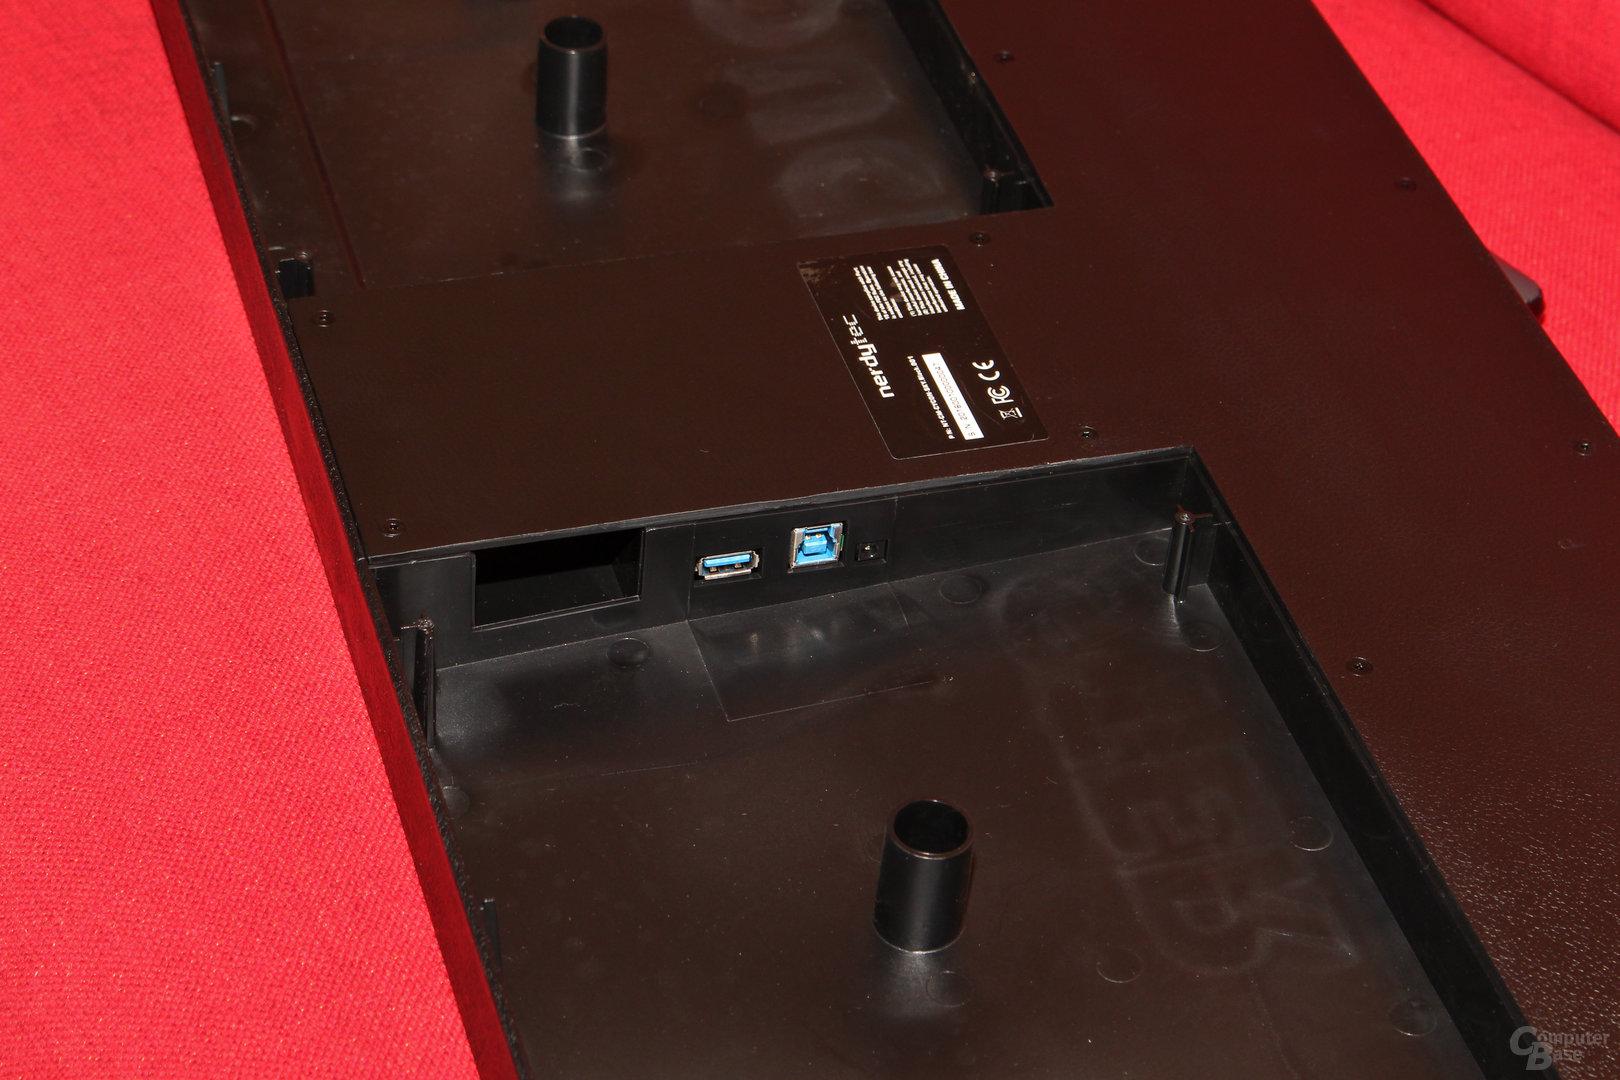 USB-Buchse, Typ-B-Port und Anschluss für Netzteil